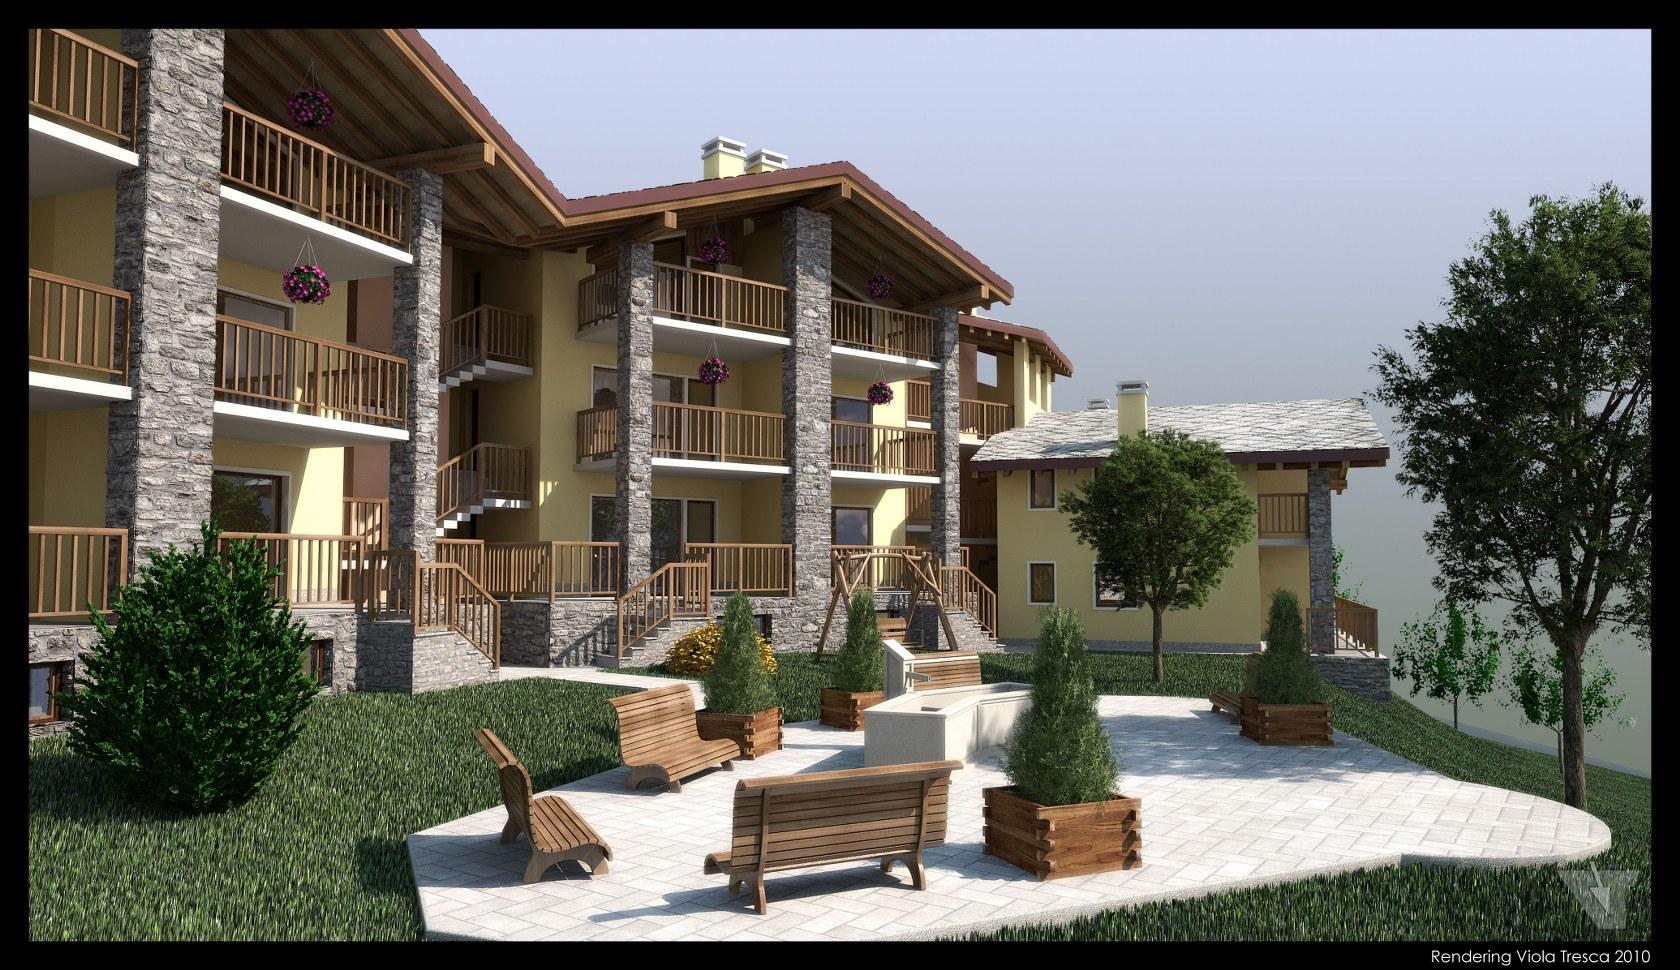 Appartamento in vendita a Quart, 2 locali, zona Zona: Villair, prezzo € 165.000 | Cambio Casa.it